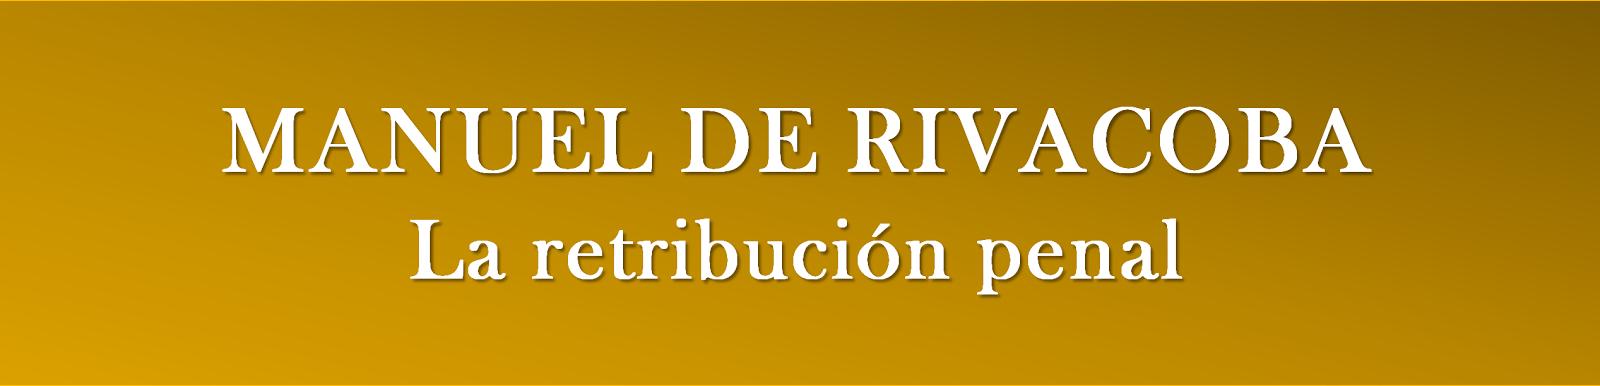 RIVACOBA: La retribución penal.